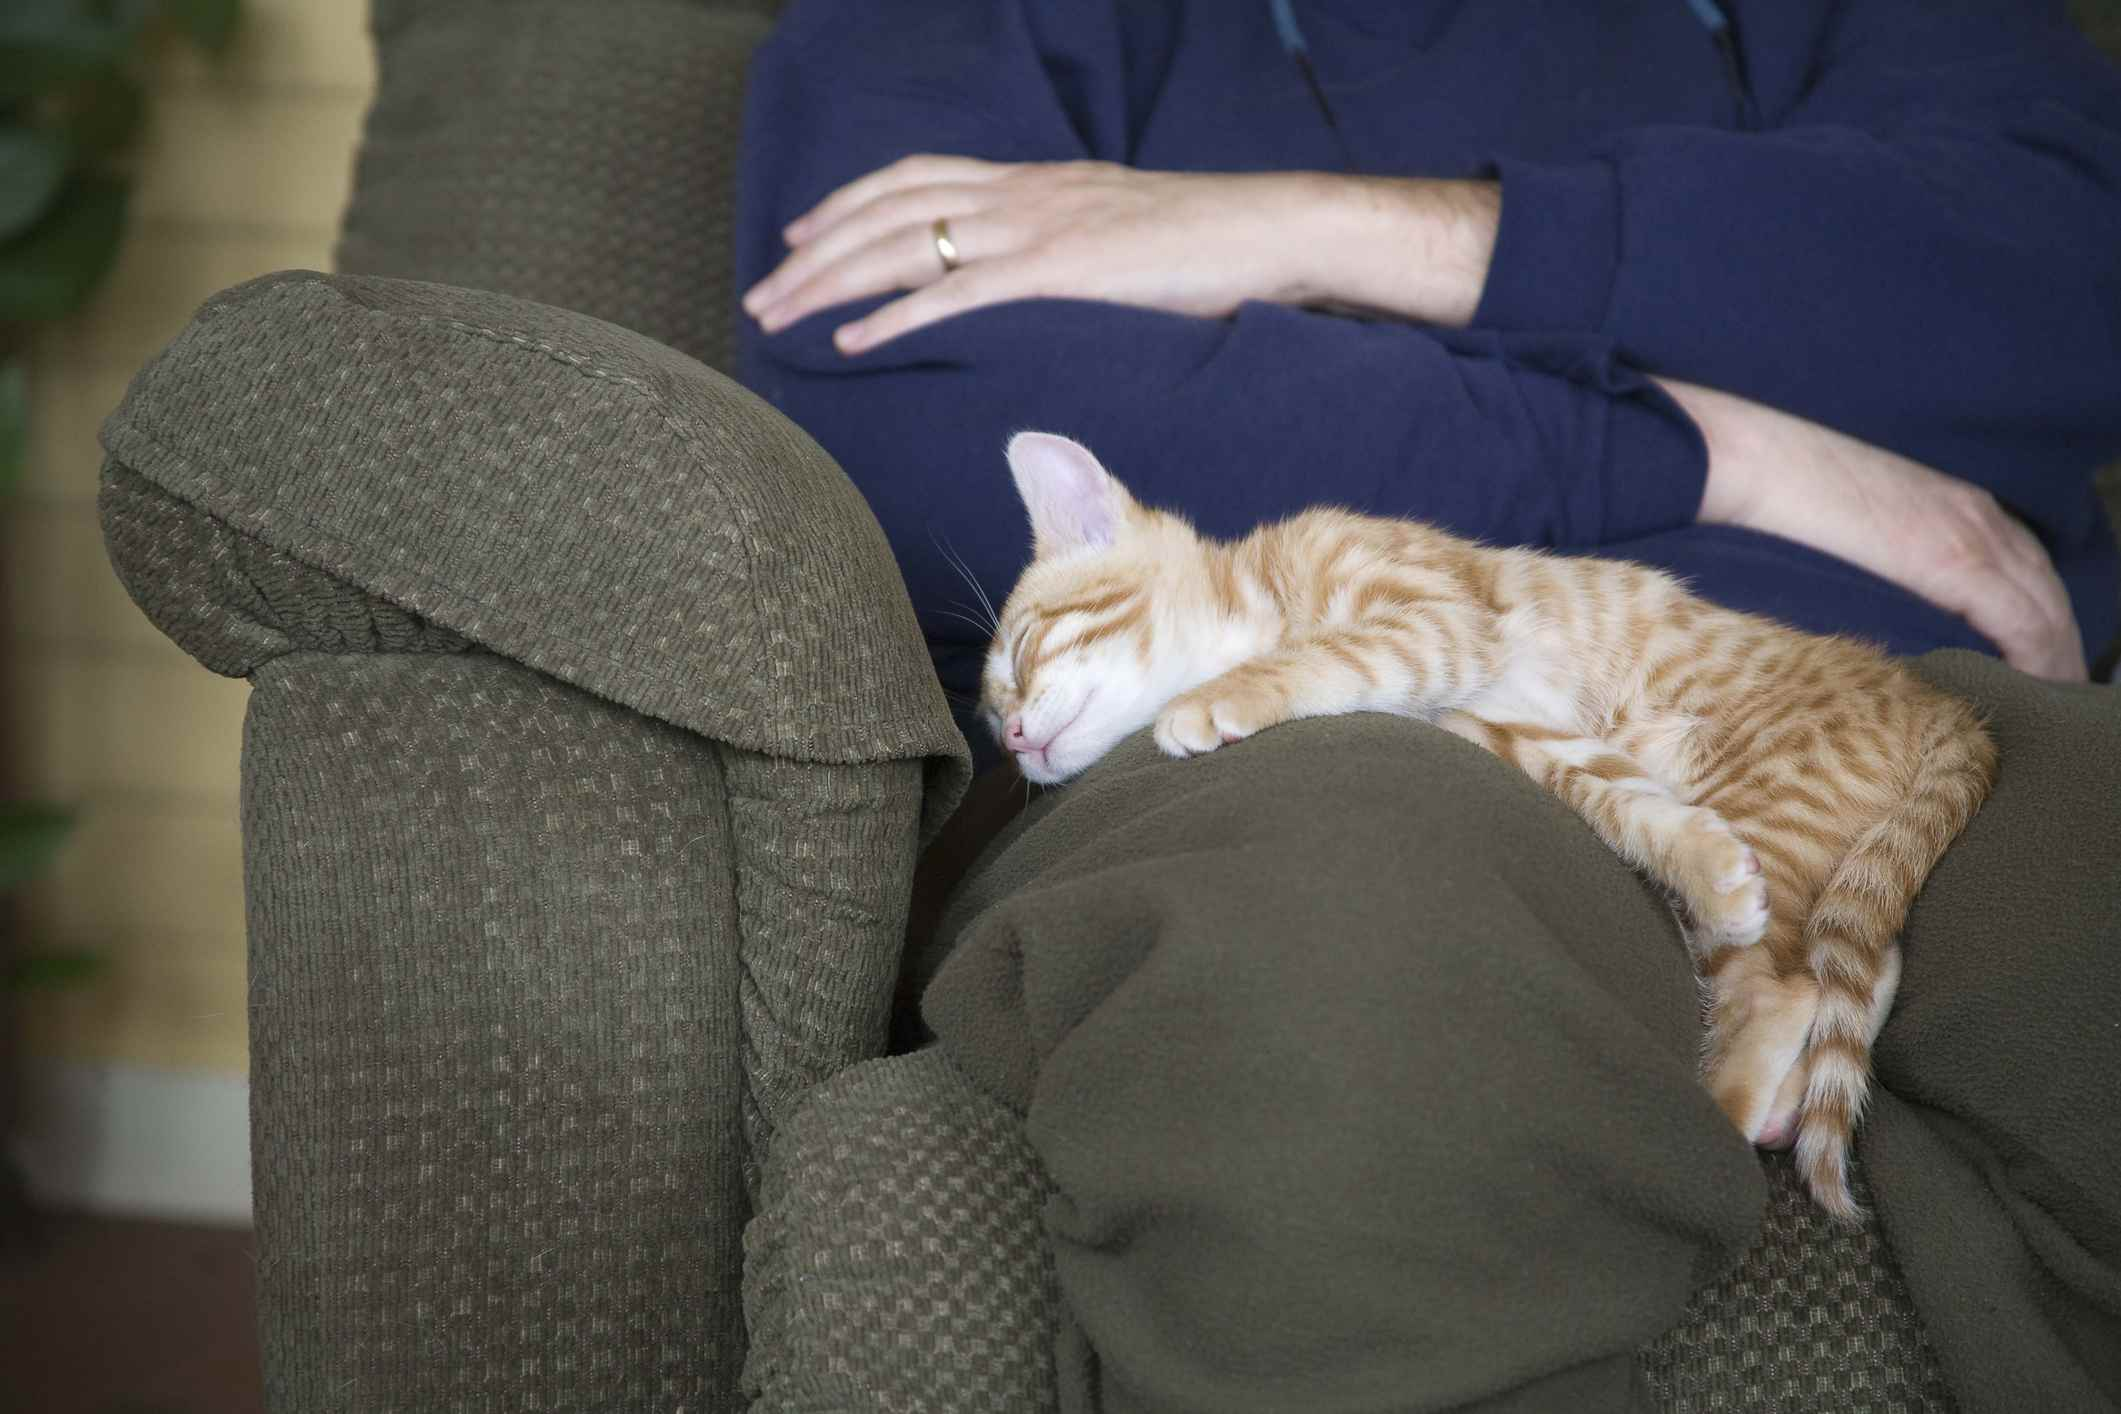 Cat sleeping in owner's lap